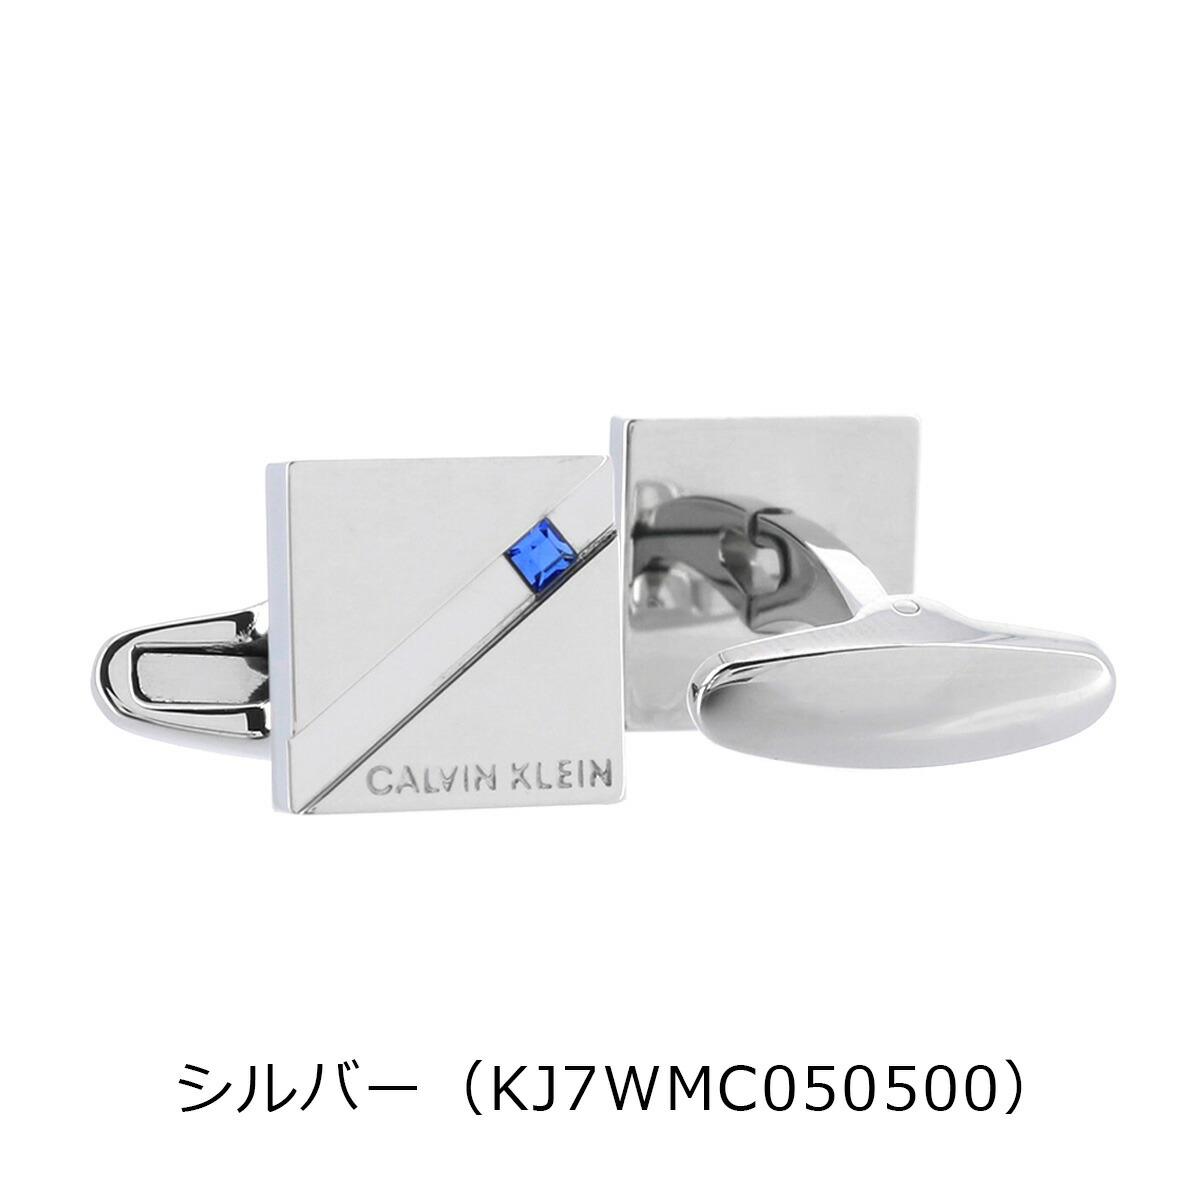 シルバー(KJ7WMC050500)